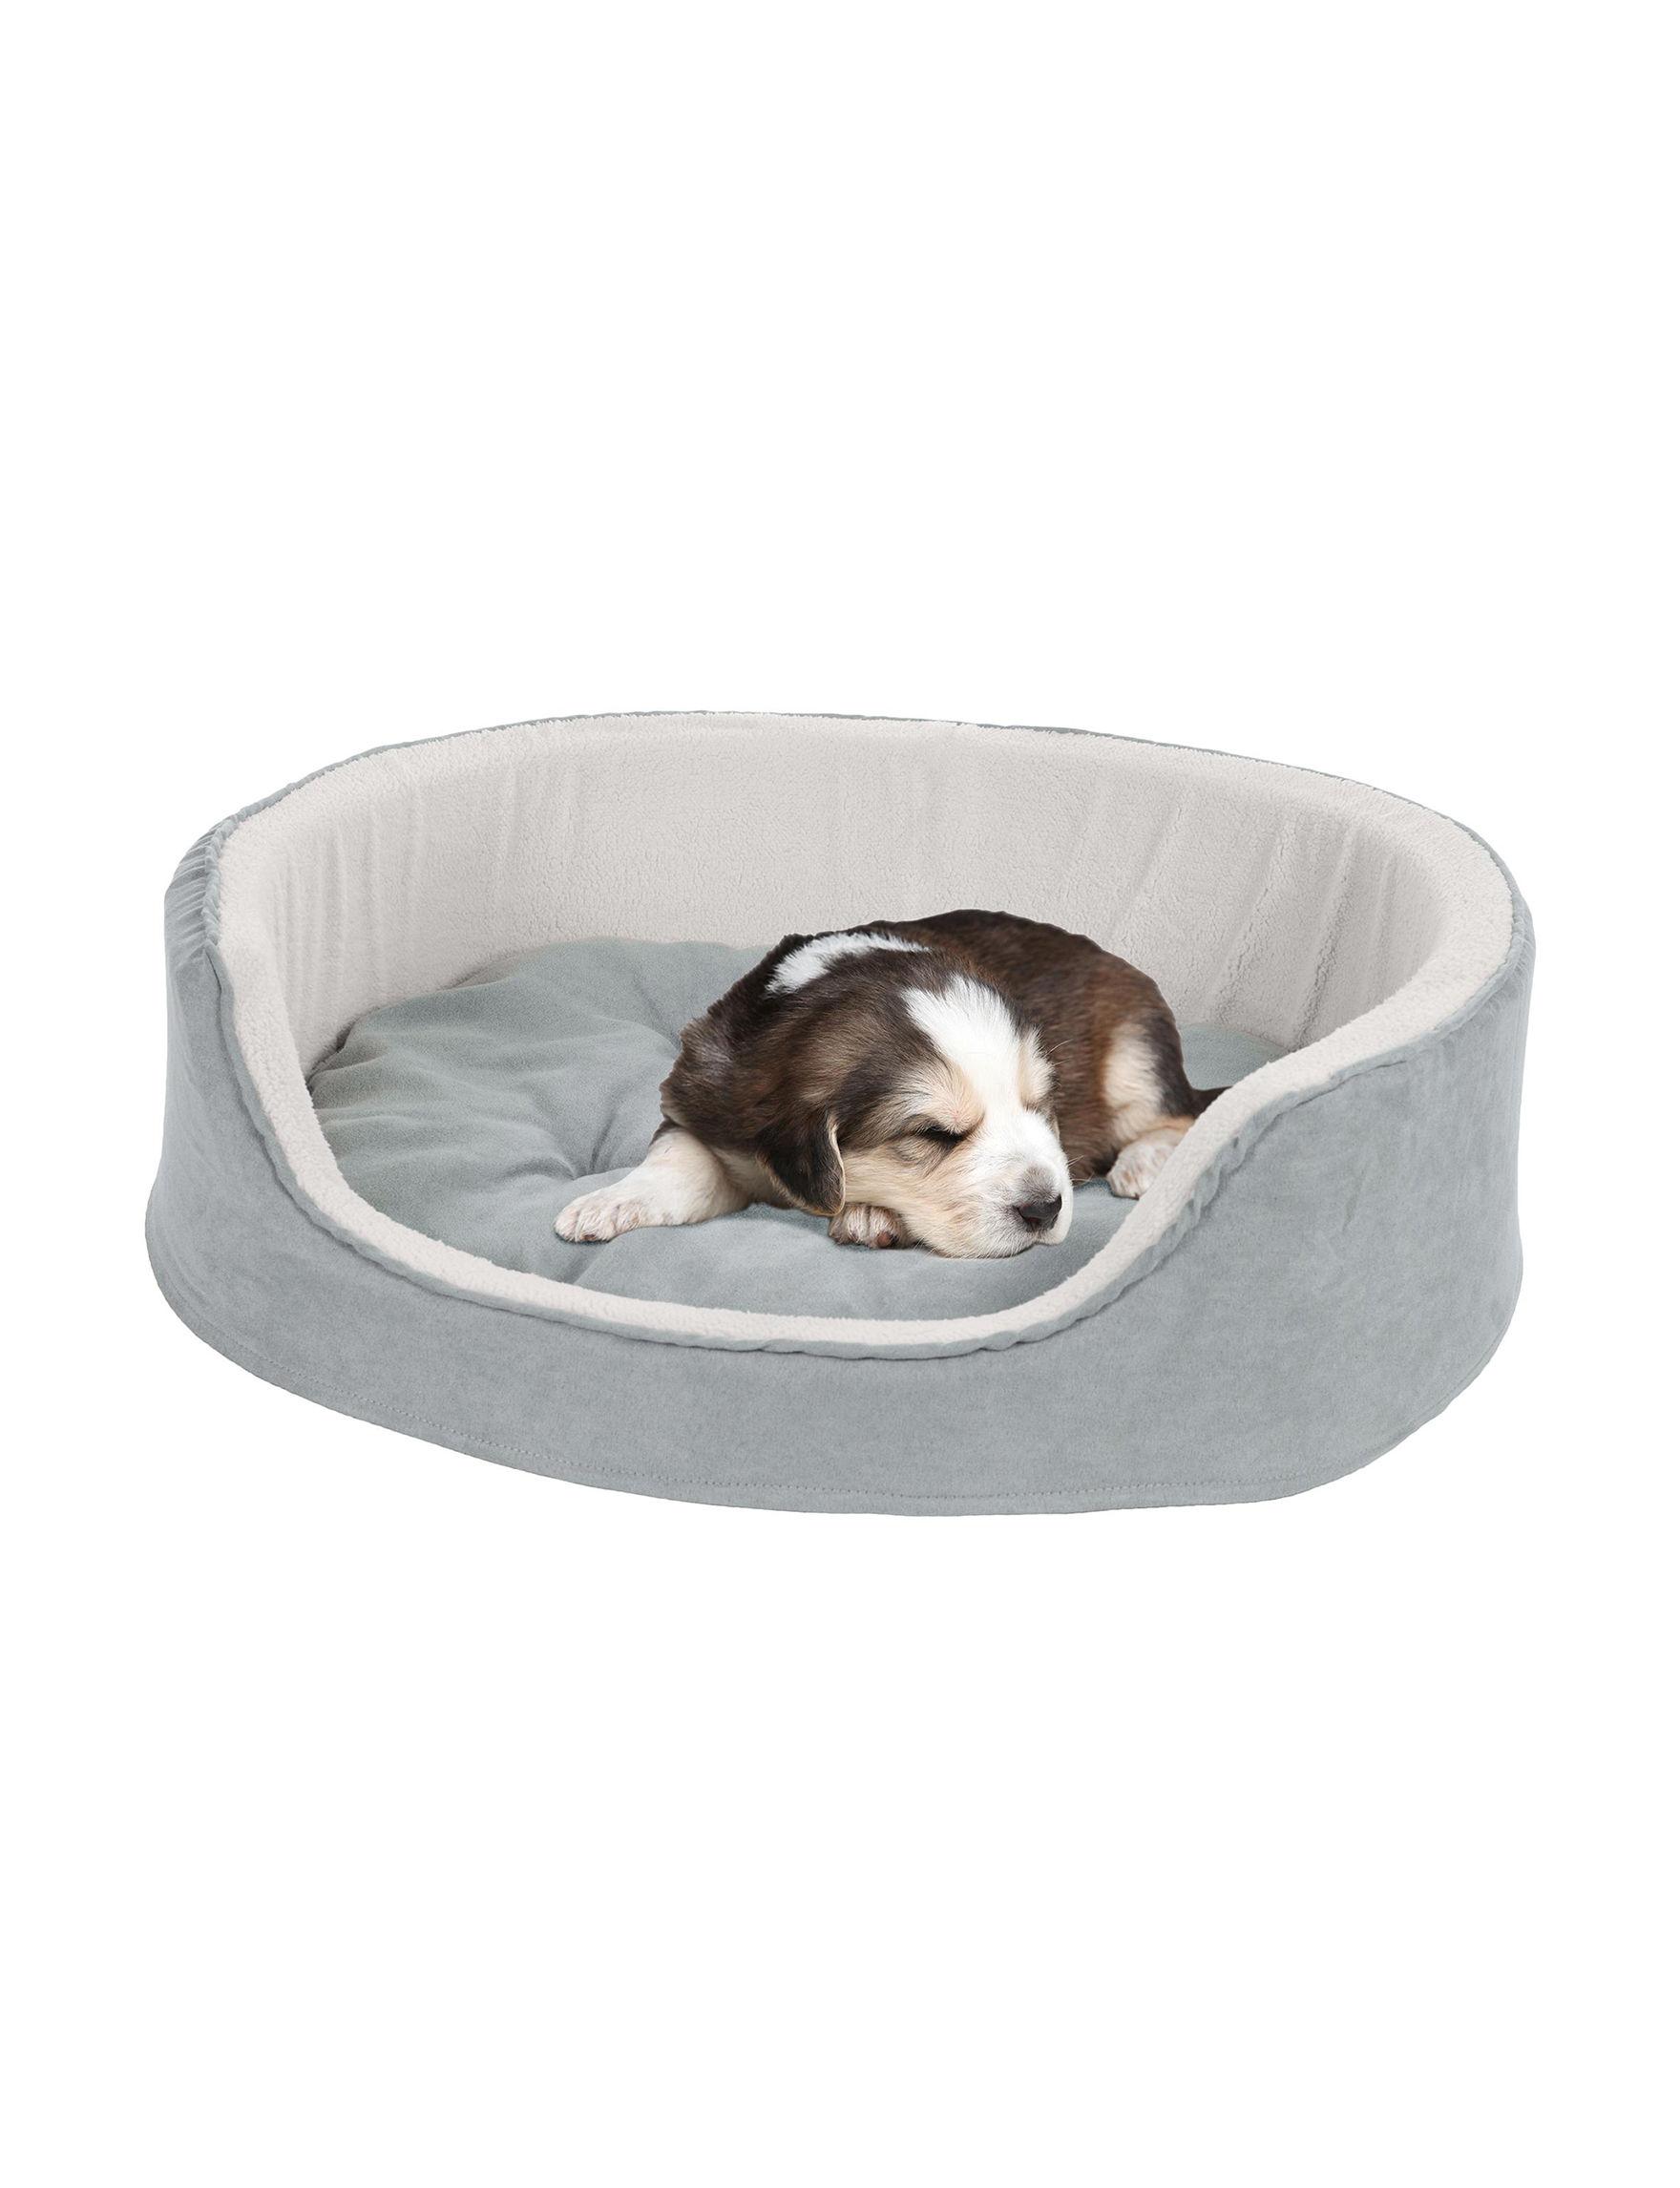 Petmaker Grey Pet Beds & Houses